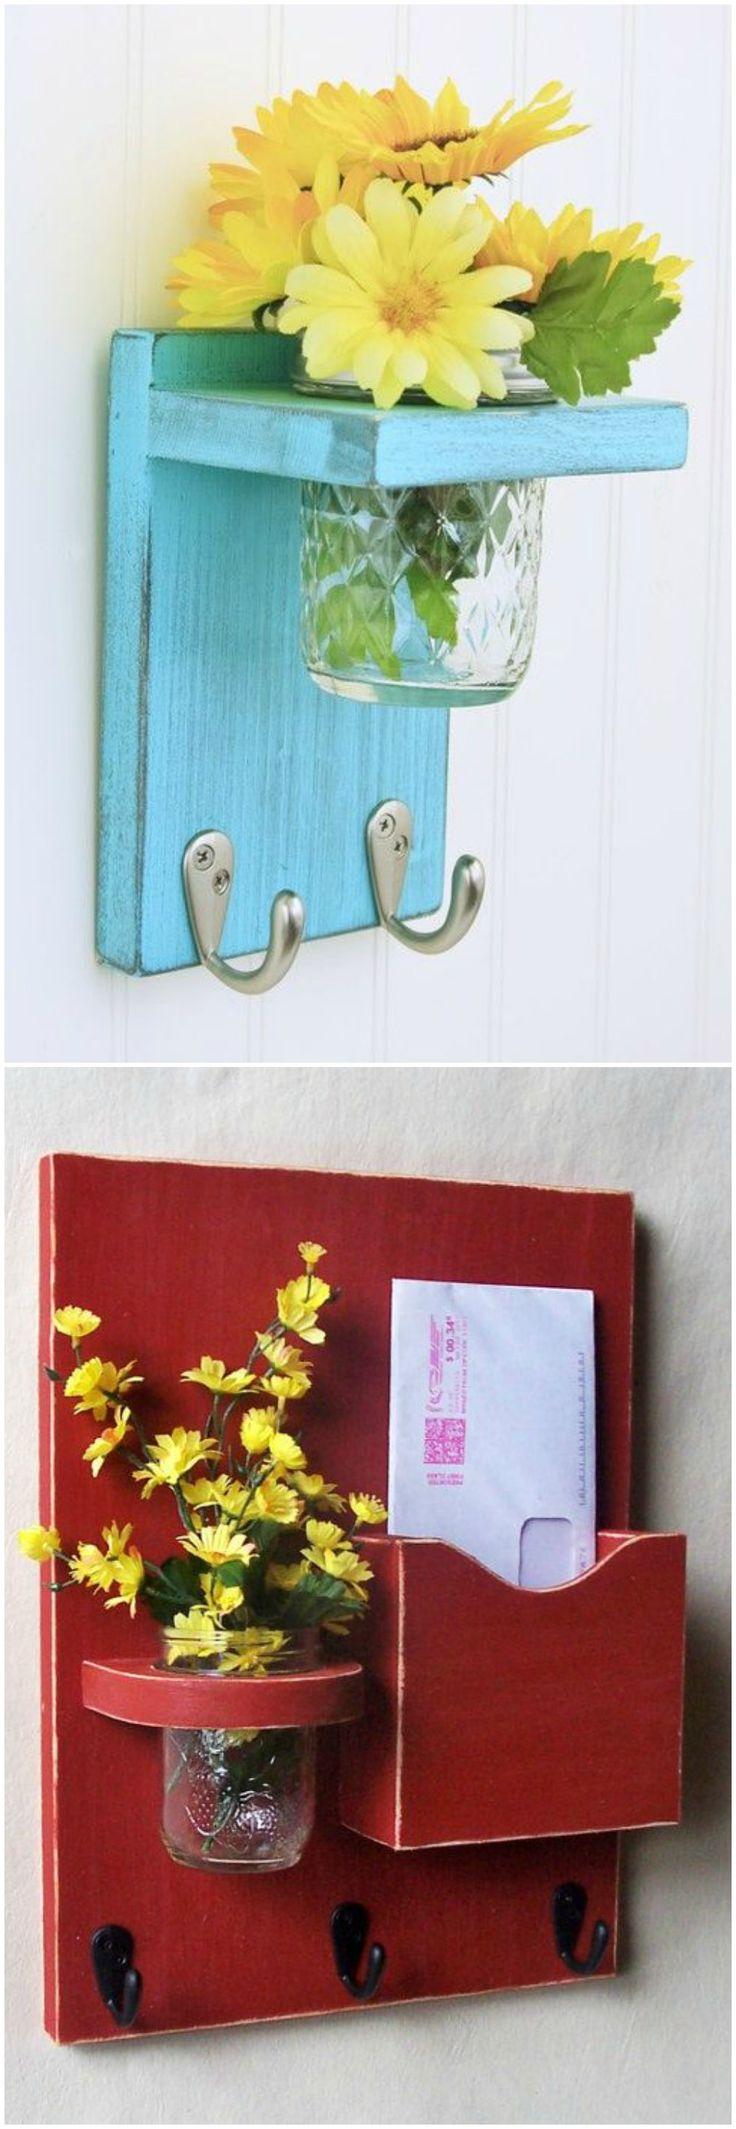 DIY cuelga llaves. Visto en www.ecodecomobiliario.com                                                                                                                                                                                 Más